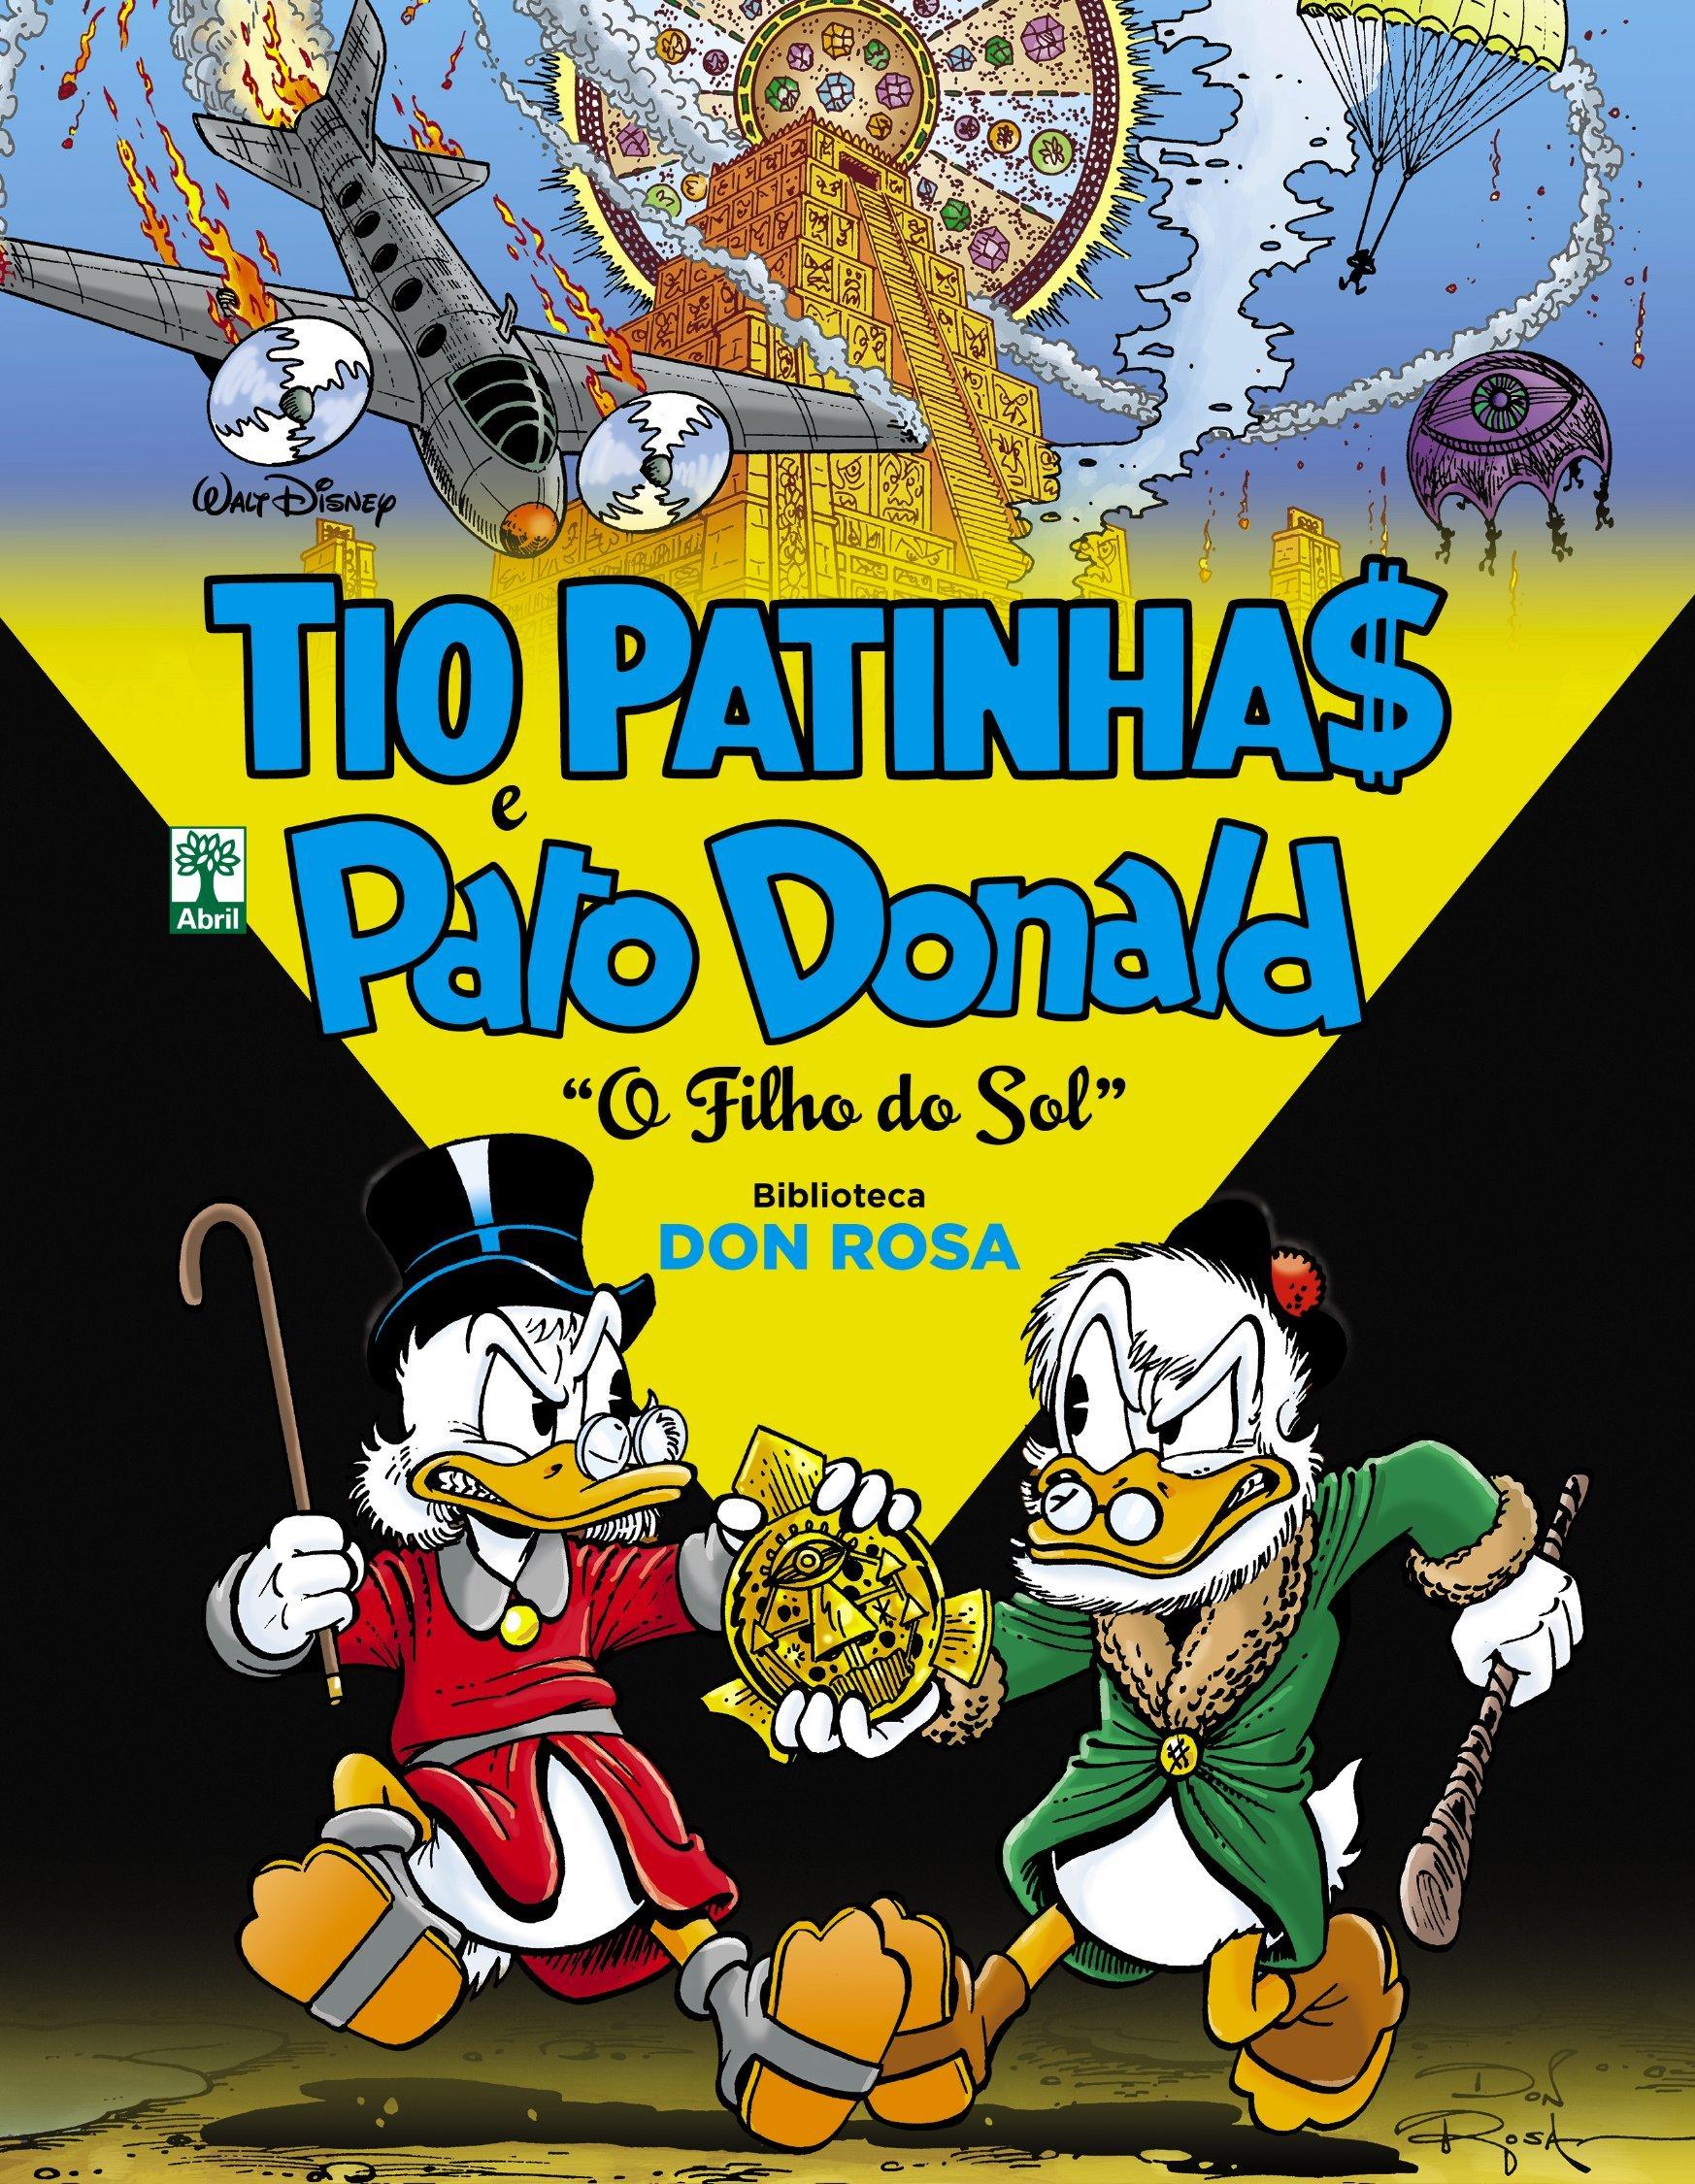 Tio Patinhas E Pato Donald Biblioteca Don Rosa O Filho Do